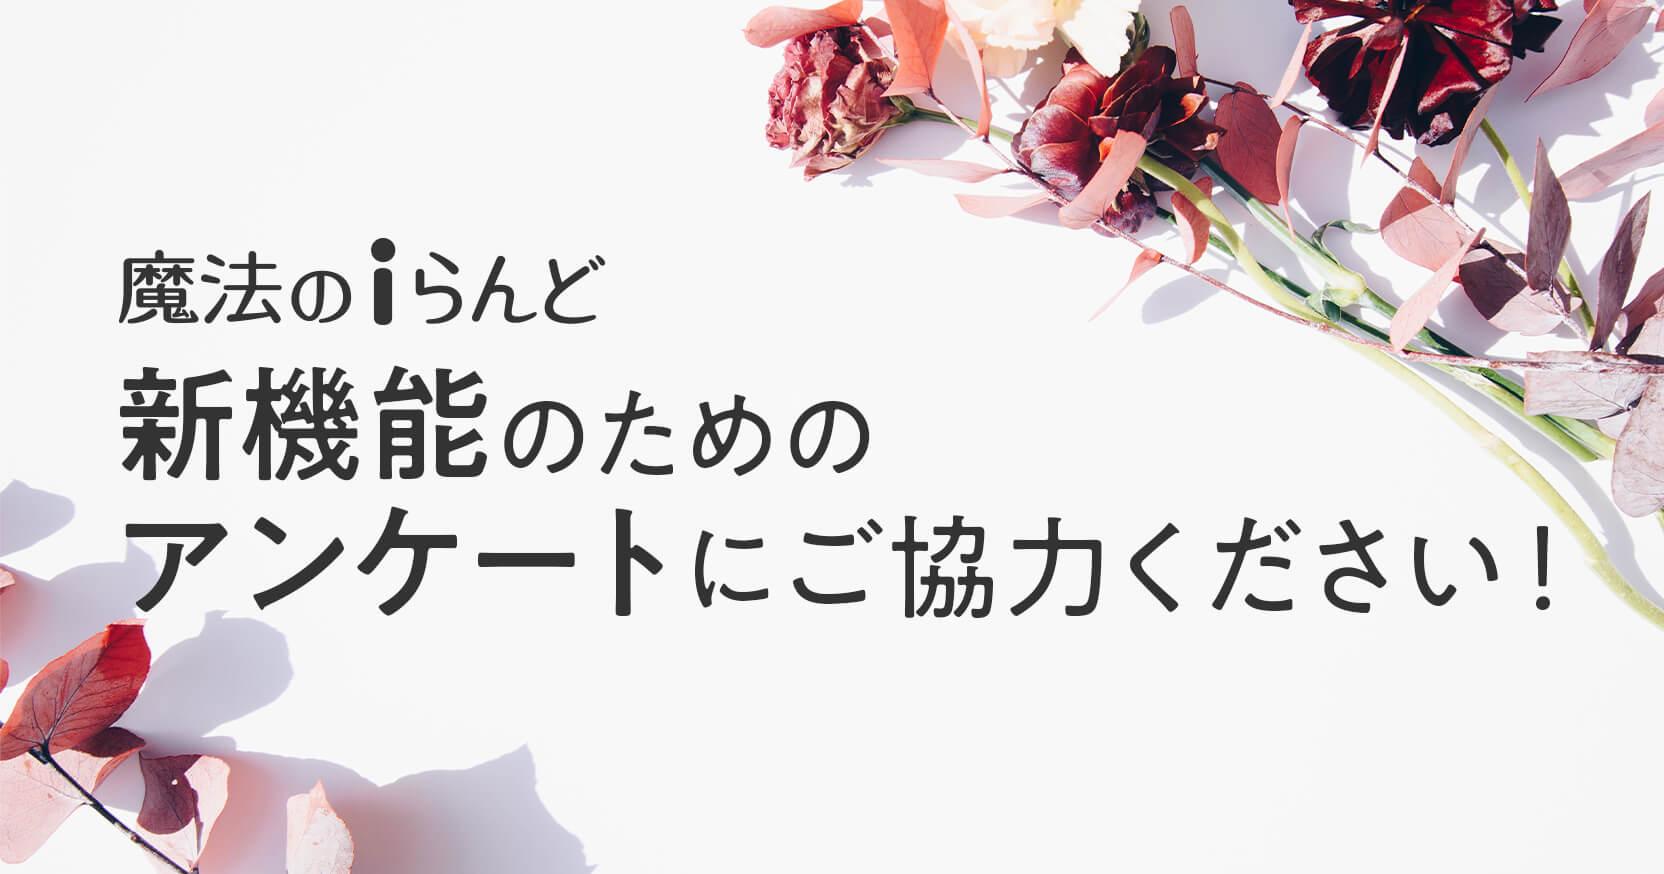 https://storage.googleapis.com/blog-info/entry/2020/06/sinkinou_anke_ogp_bnr.jpg